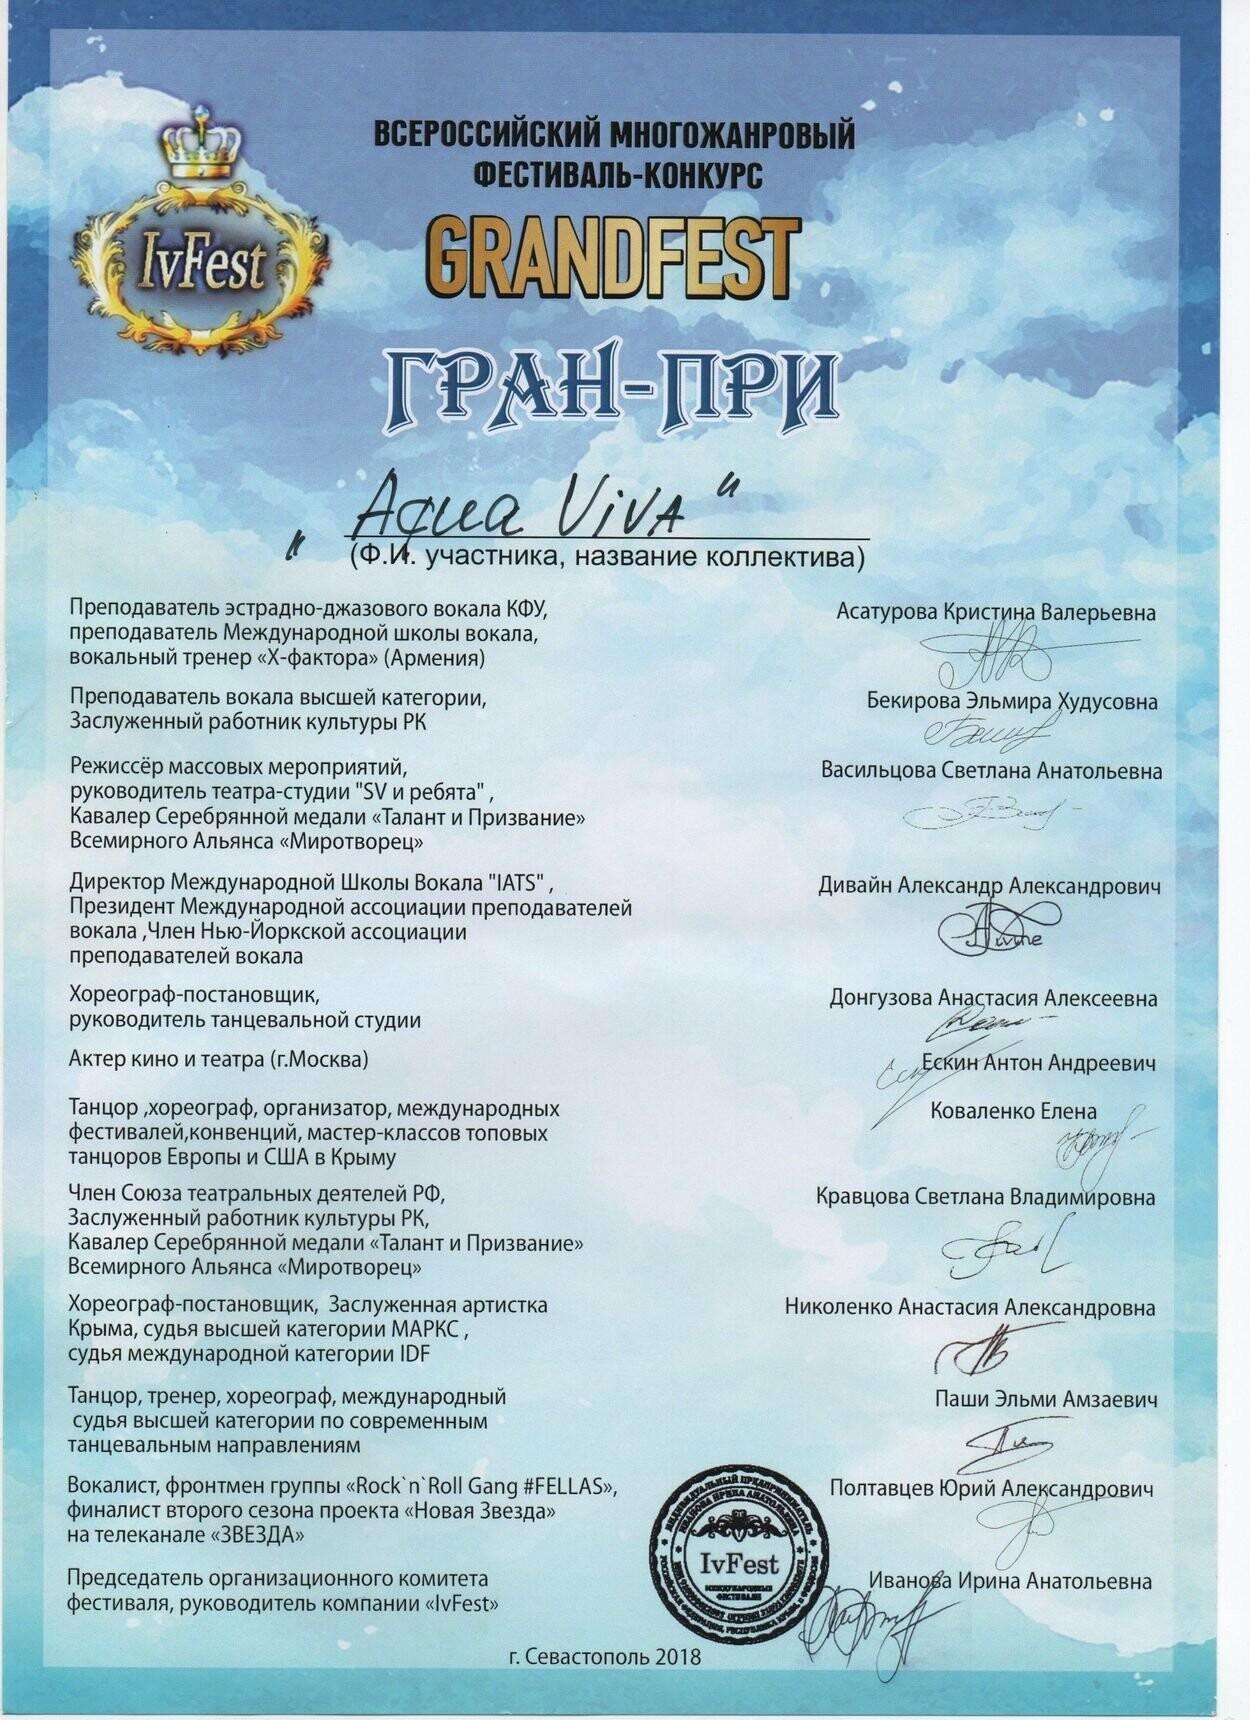 Ялтинские студенты забрали все призовые места на Всероссийском многожанровом фестивале талантов «GrandFest», фото-6